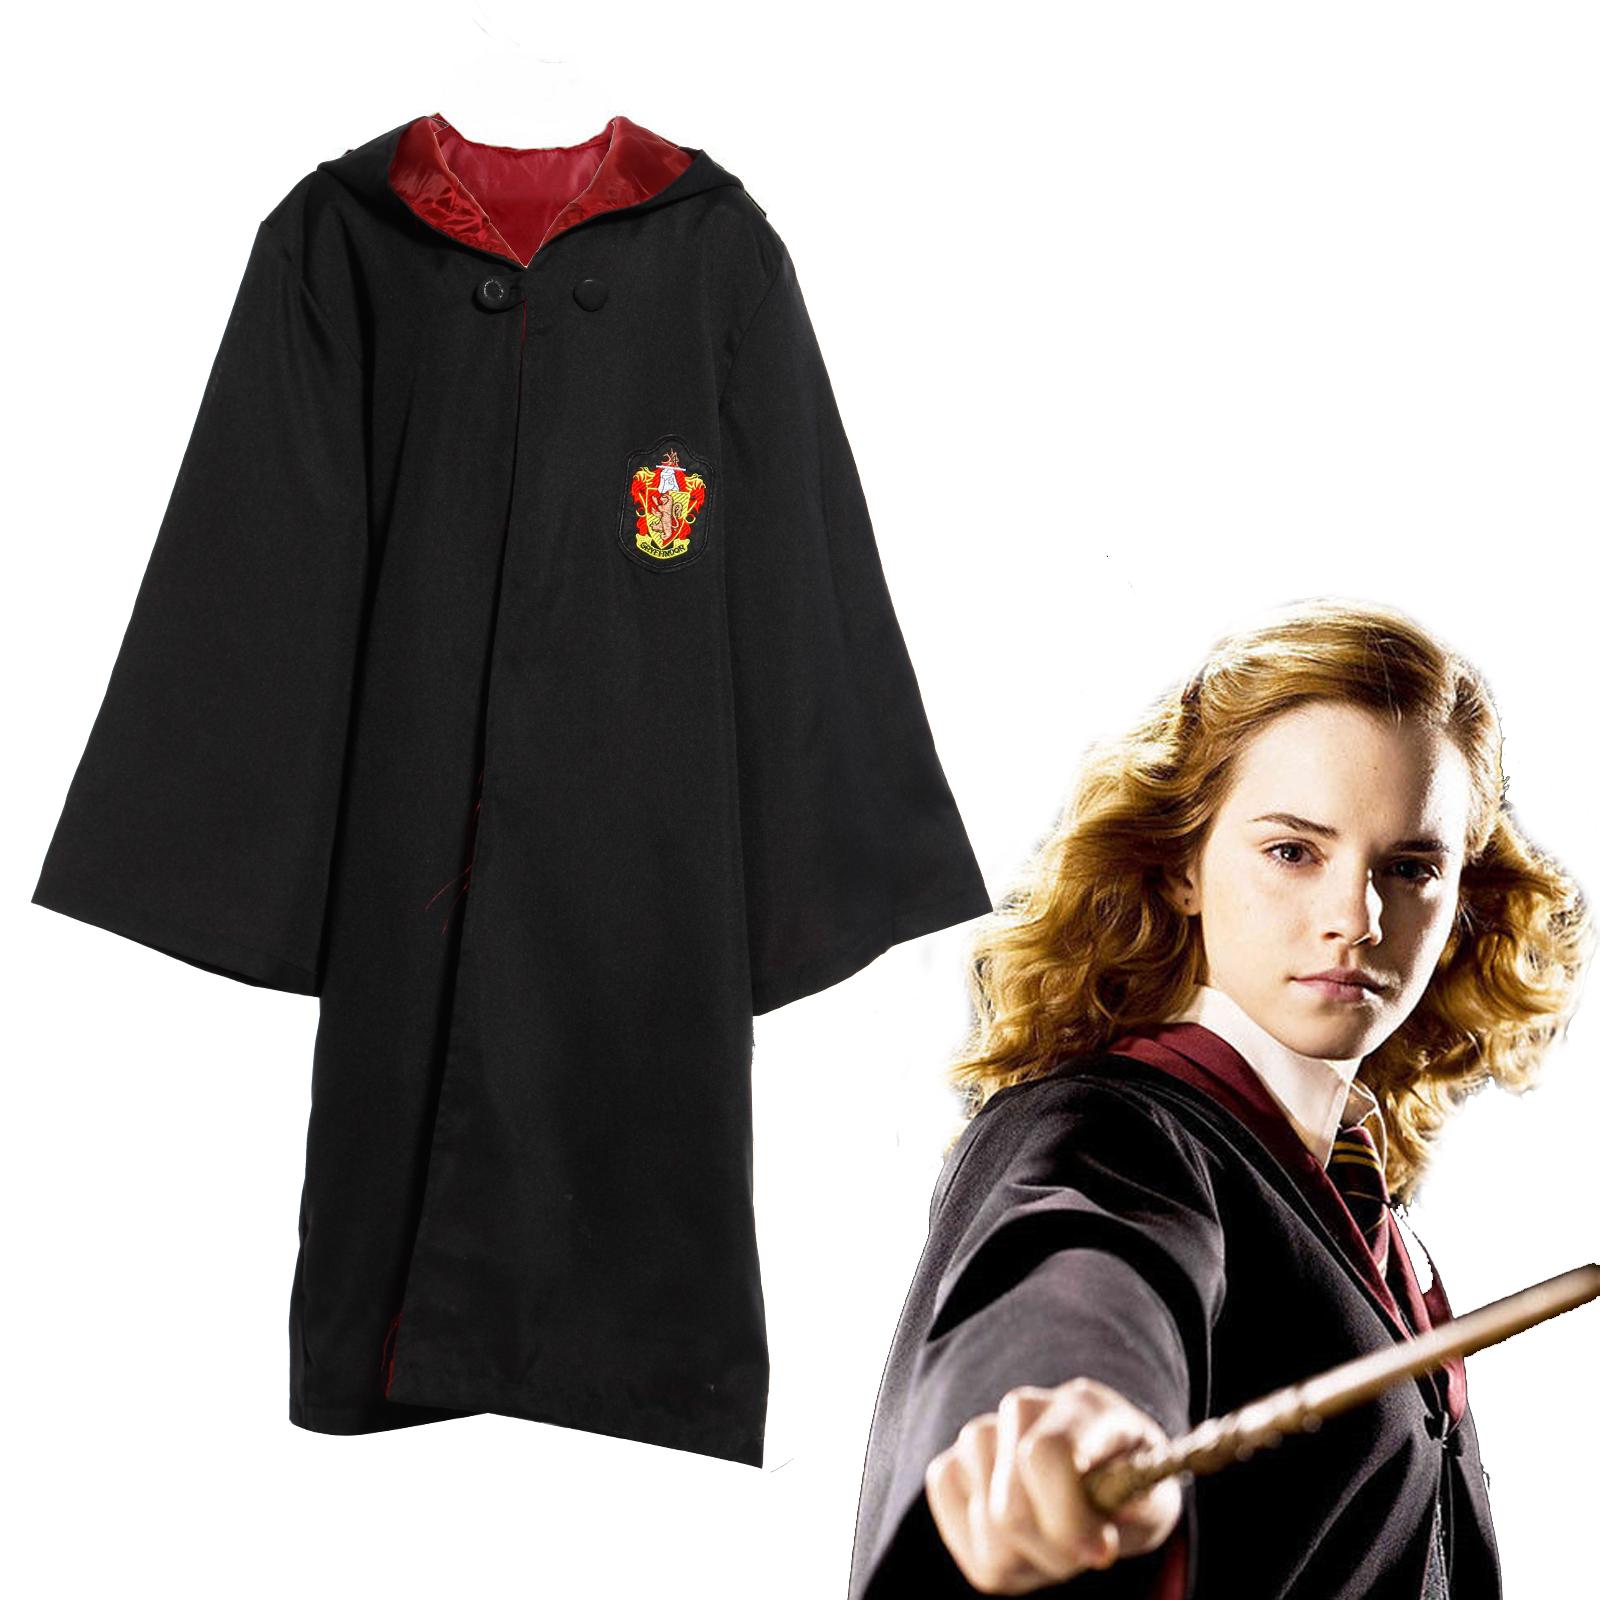 Tenue-Deguisement-Cape-a-Capuche-Harry-Potter-Gryffindor-Carnaval-Garcon-Fille